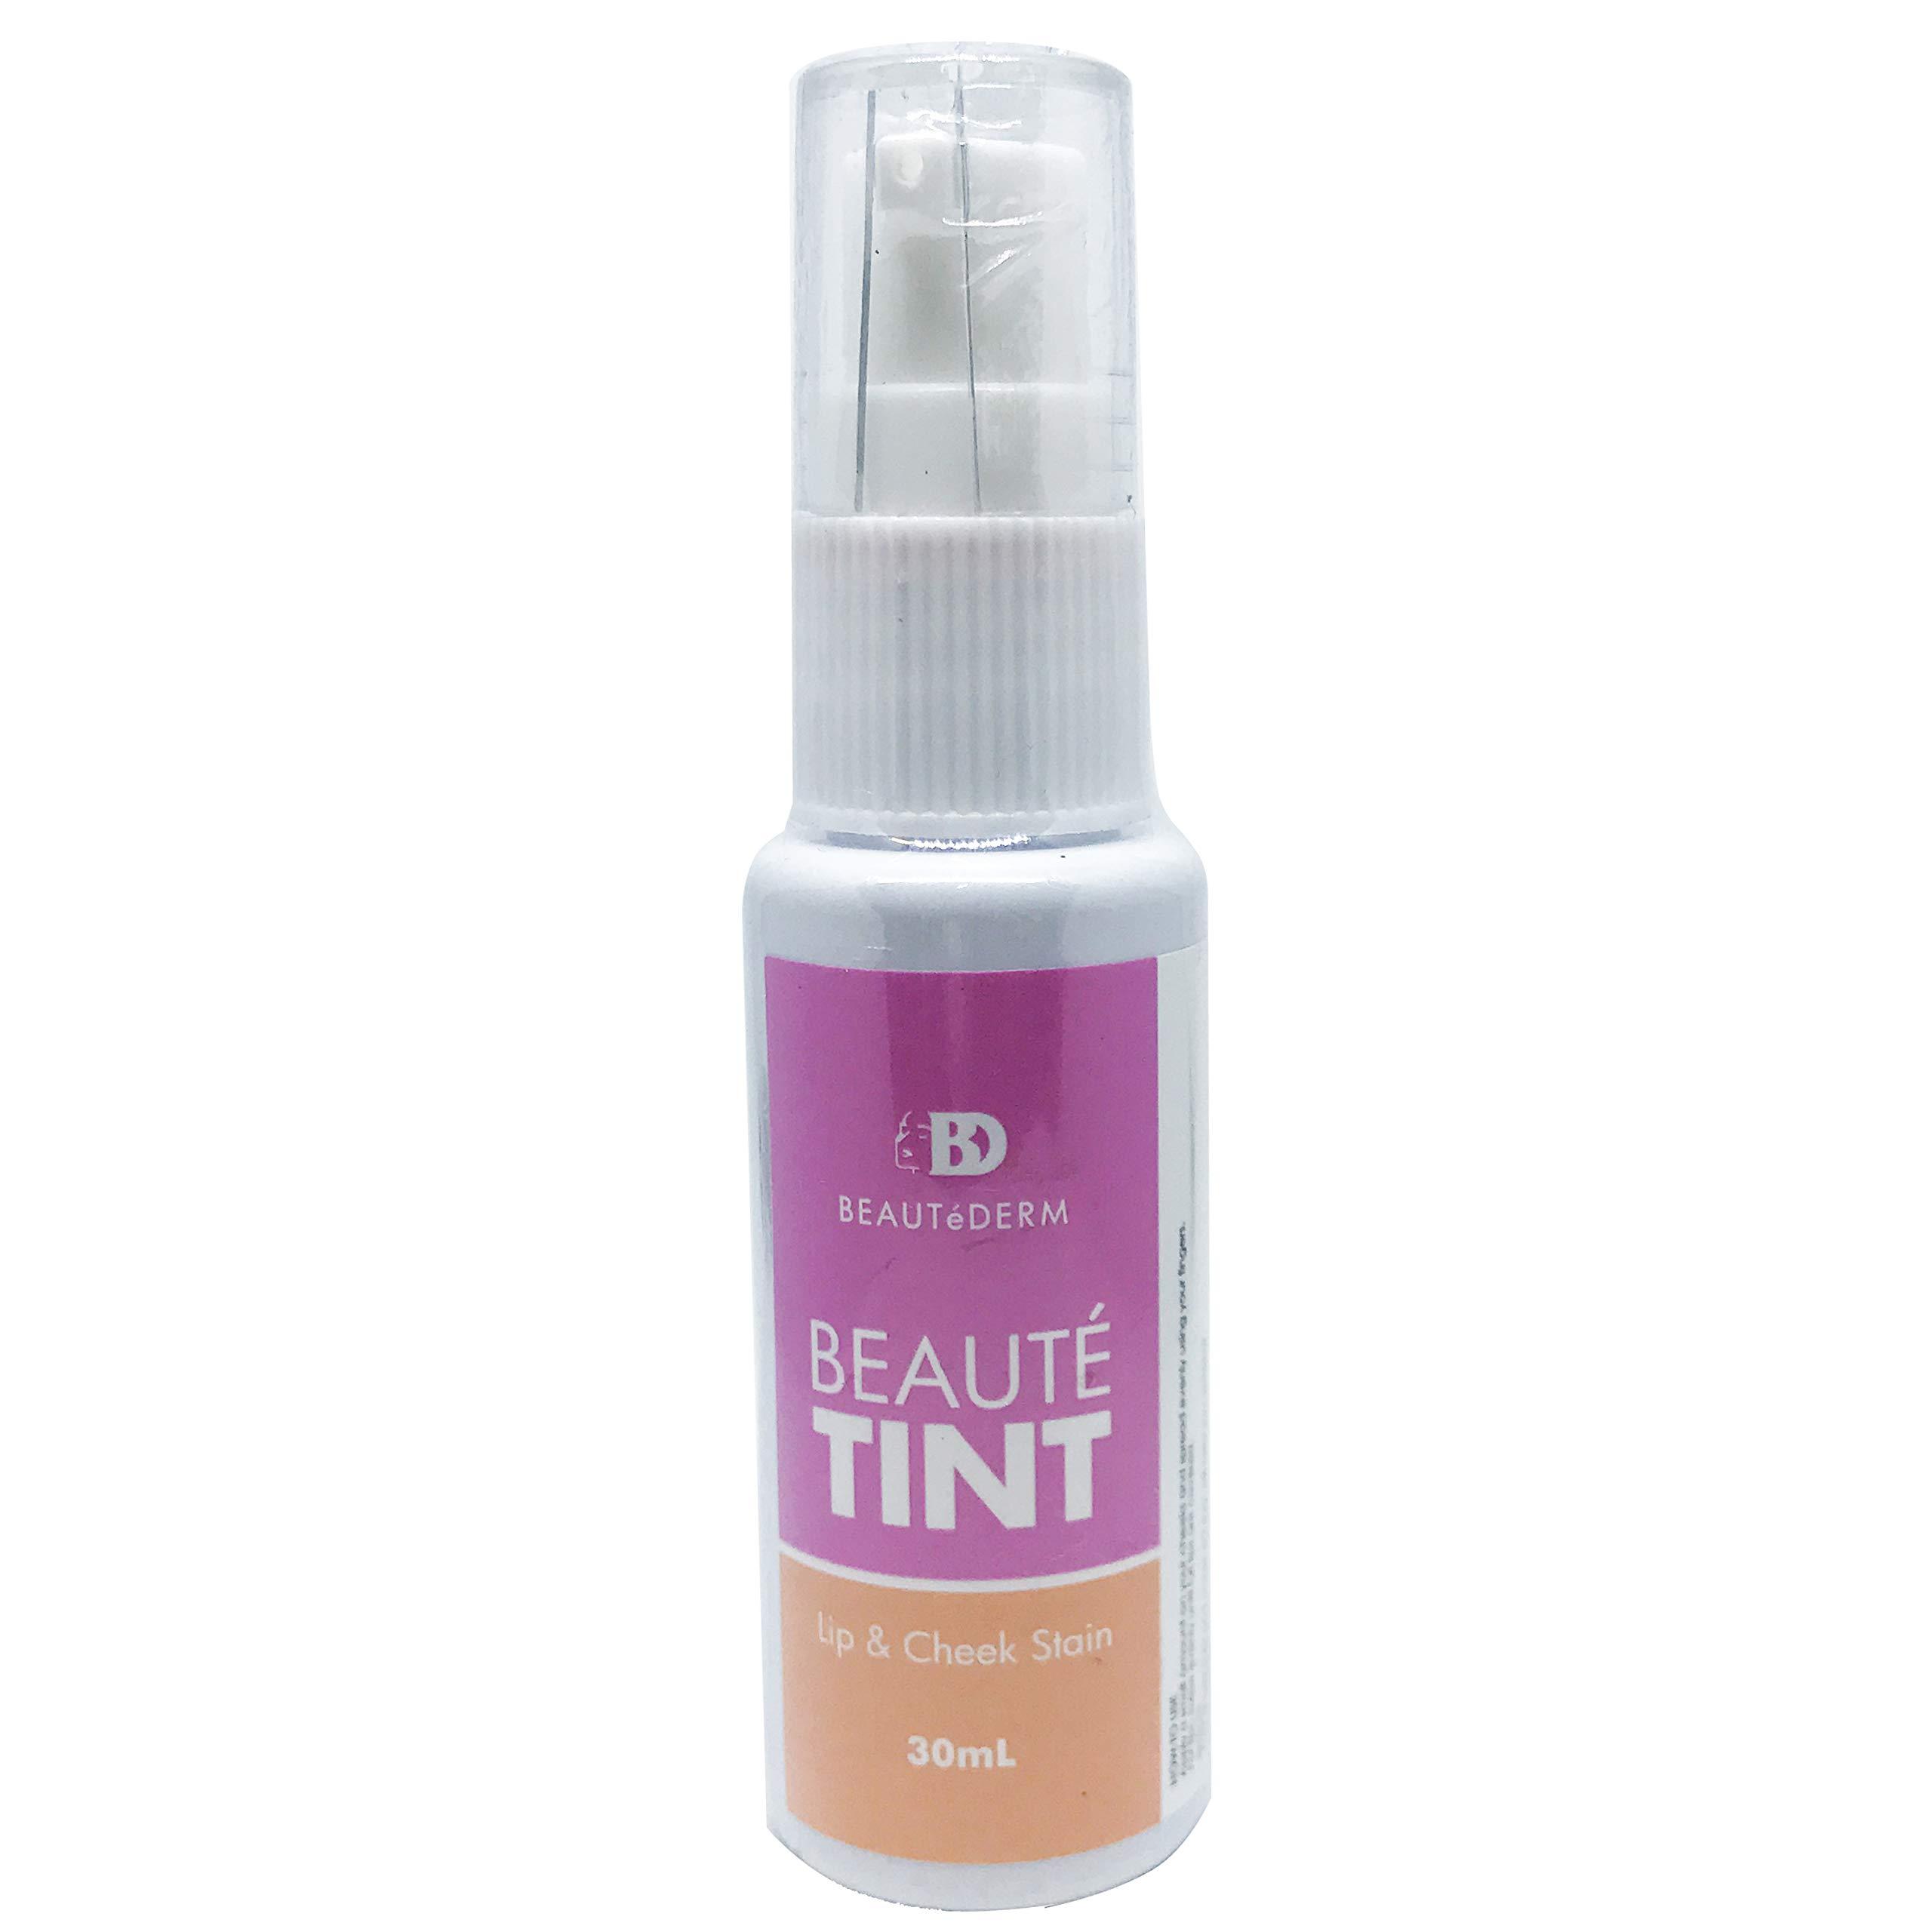 Beautederm Beaute Tint Lip & Cheek Tint 30ml